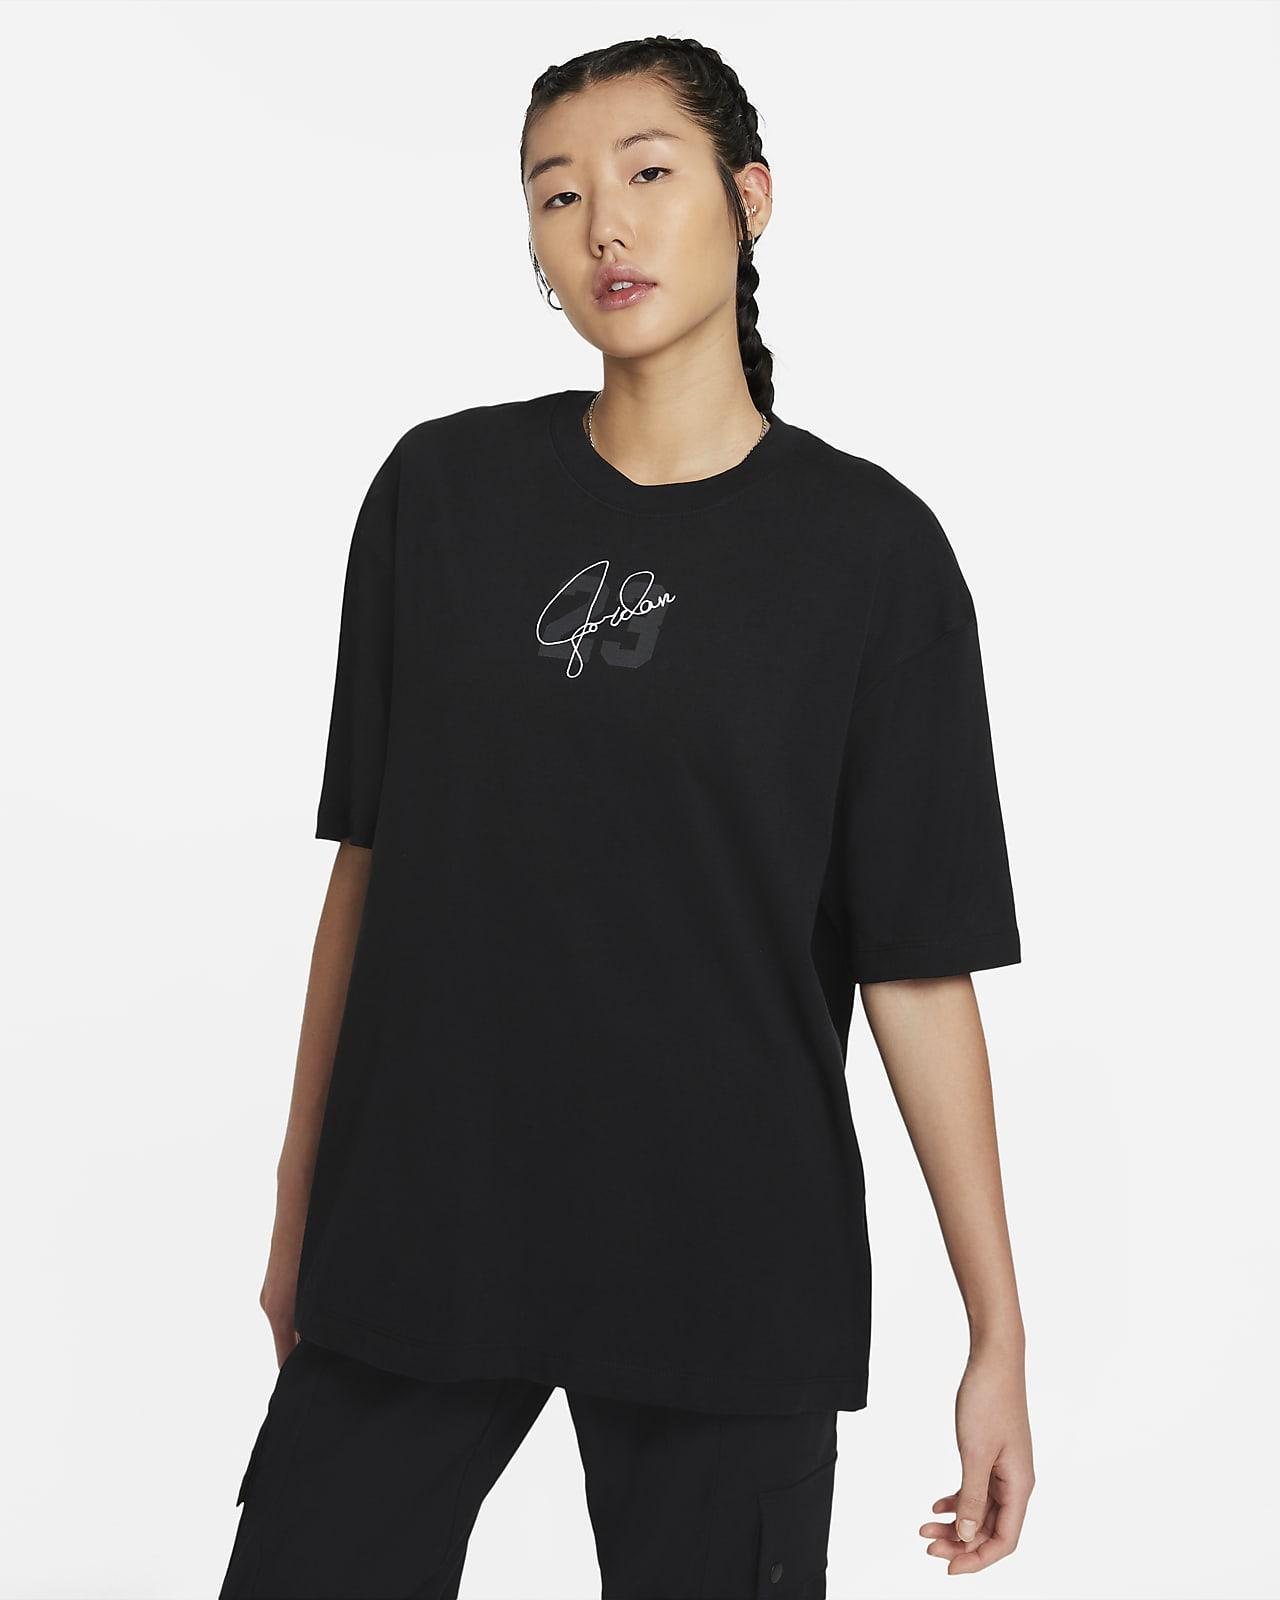 Jordan Essentials Women's Short-Sleeve Graphic T-Shirt